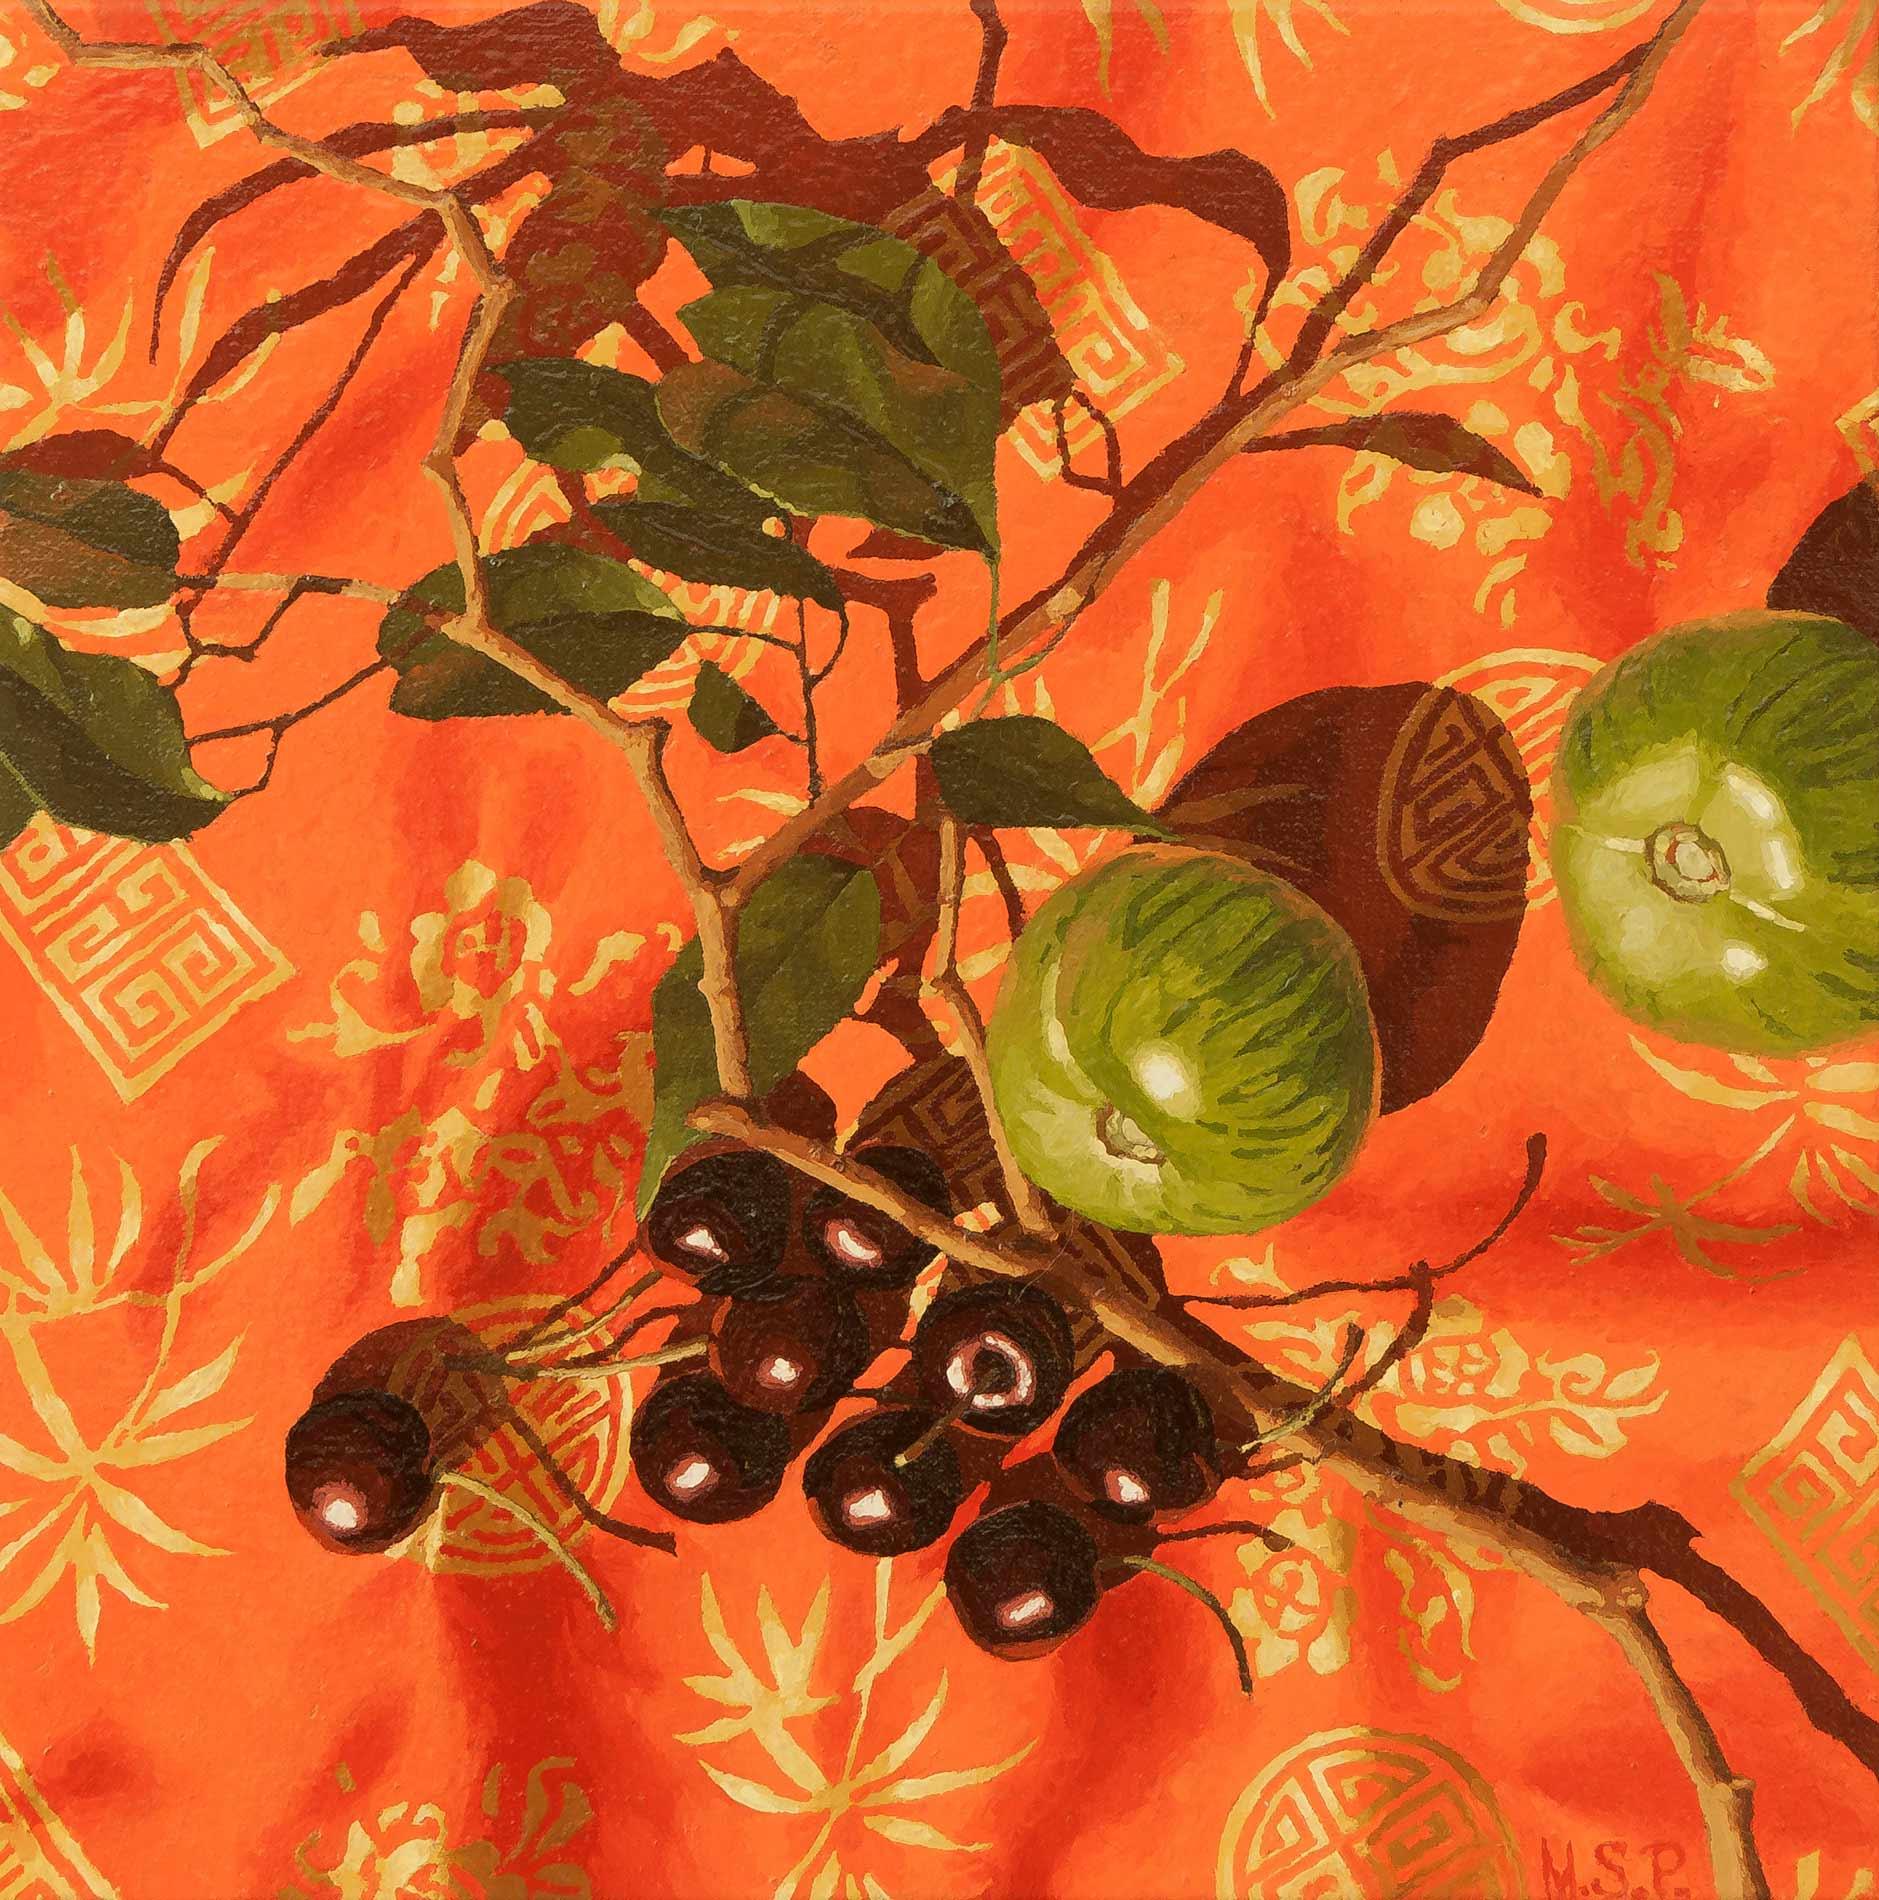 Green tomatoes, cherries and vietnamese silk